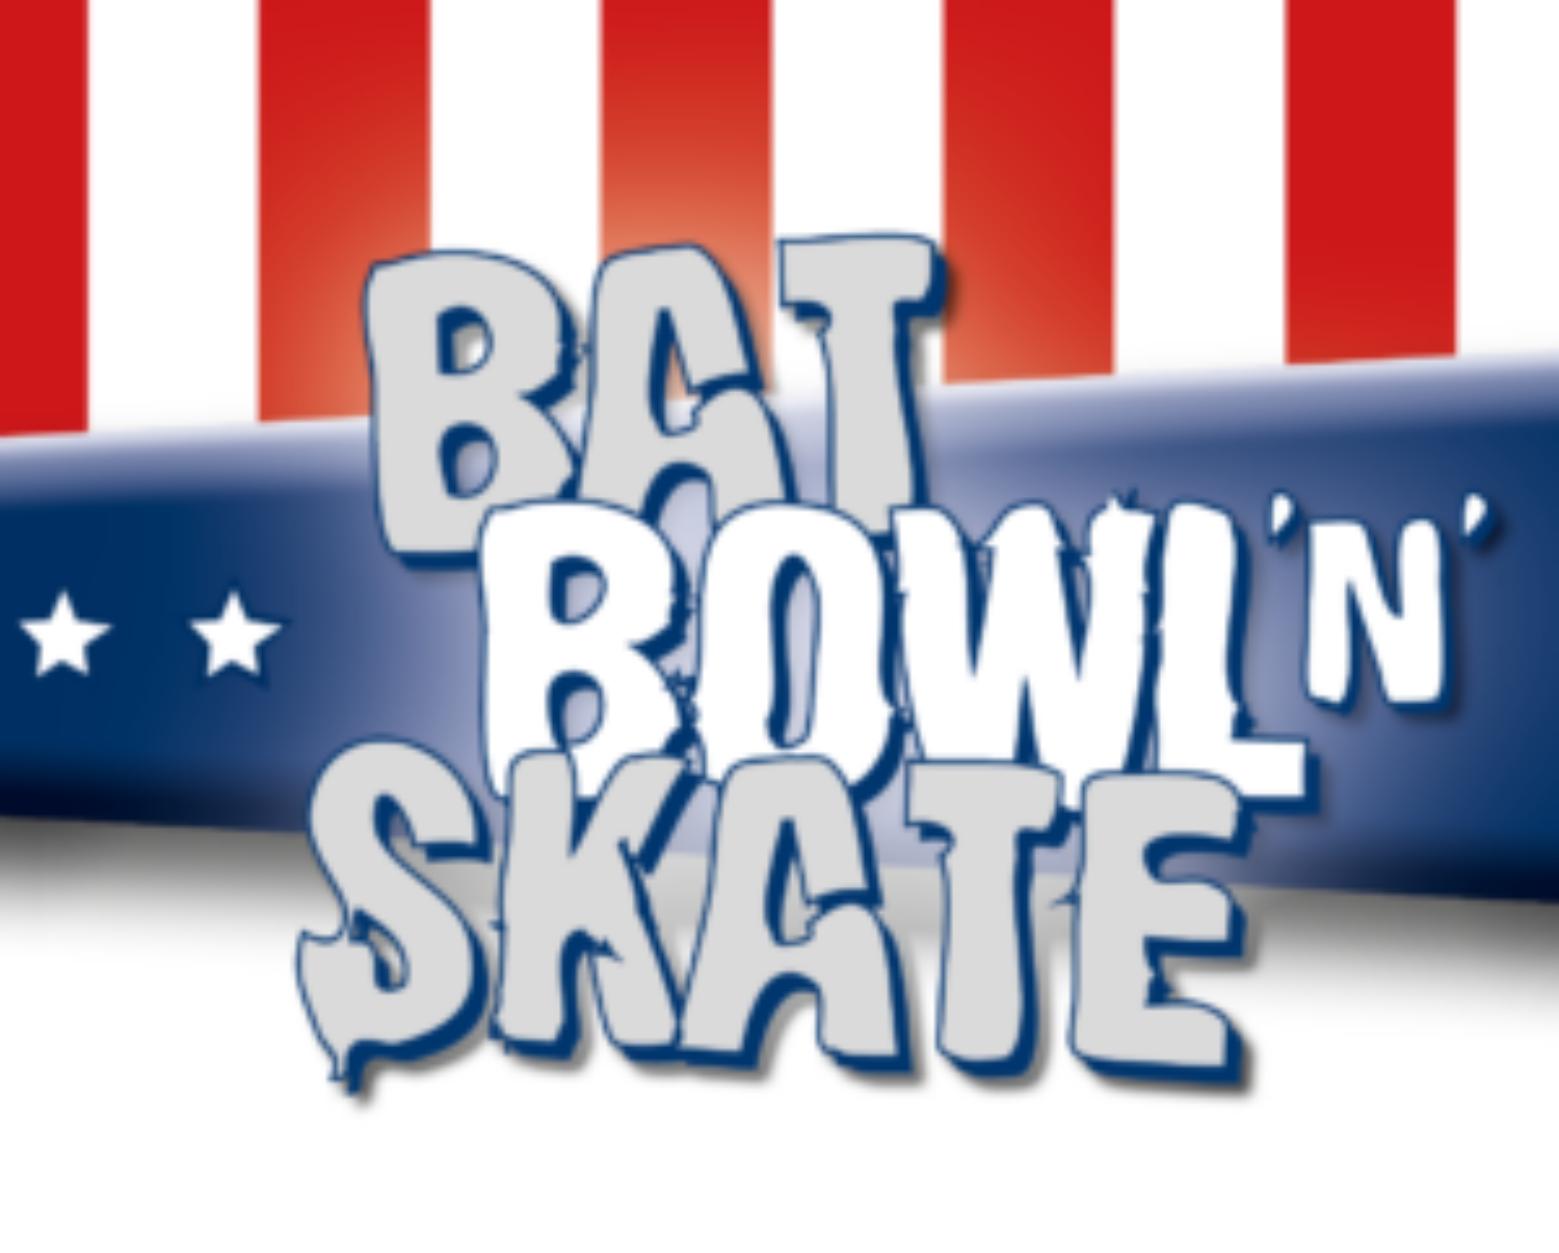 Bat, Bowl 'n' Skate